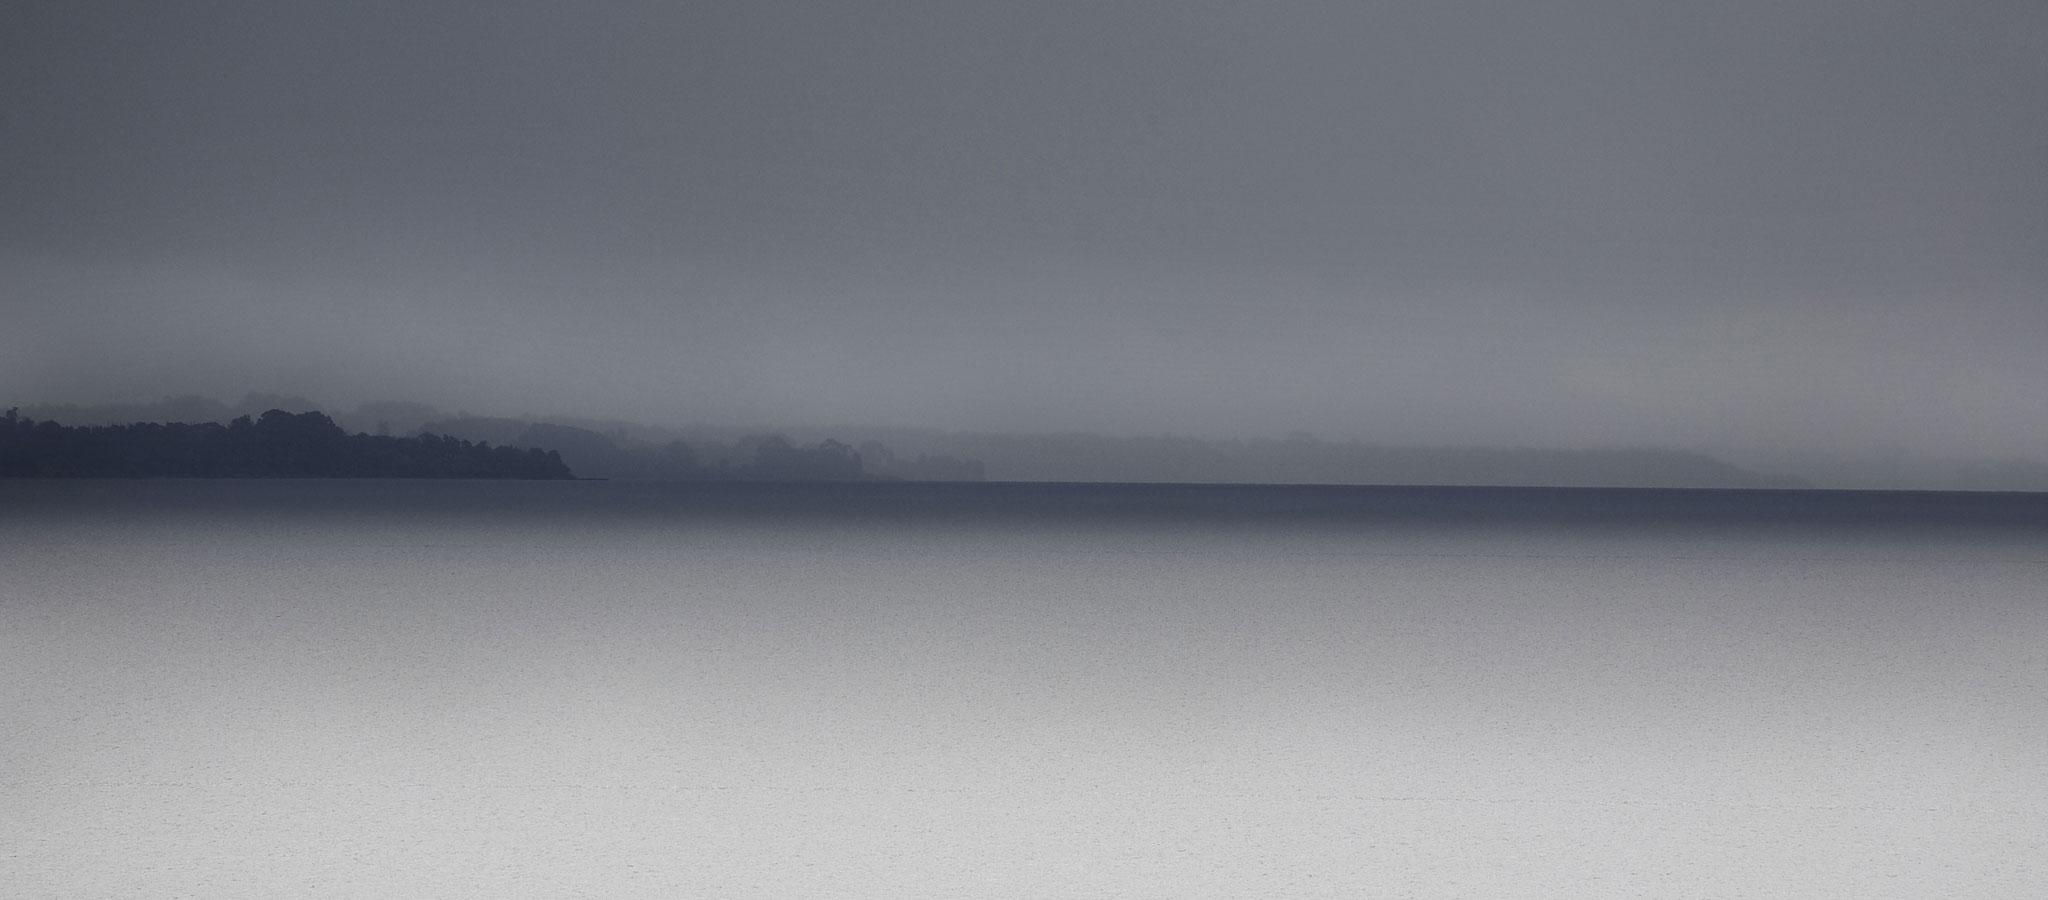 Serie 10 imágenes. Foto 07. Fotografía por © Mayte Piera